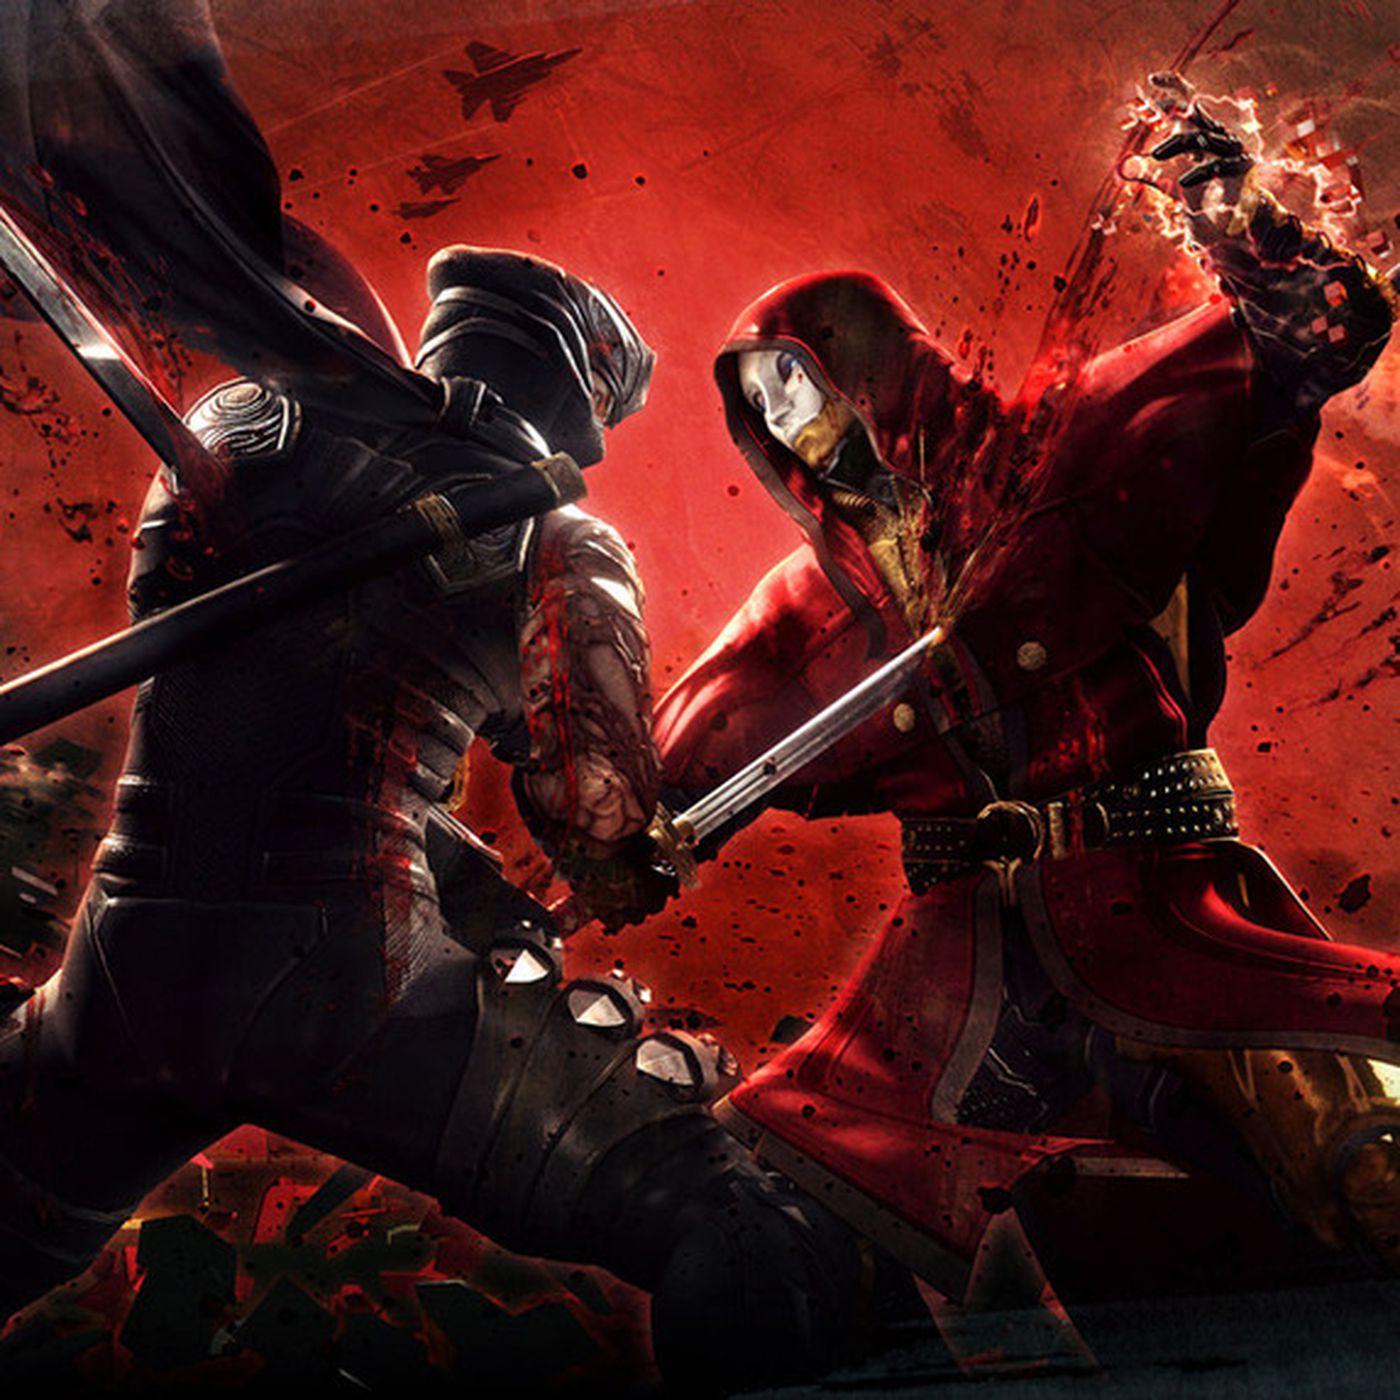 ninja gaiden 3 ps3 cover